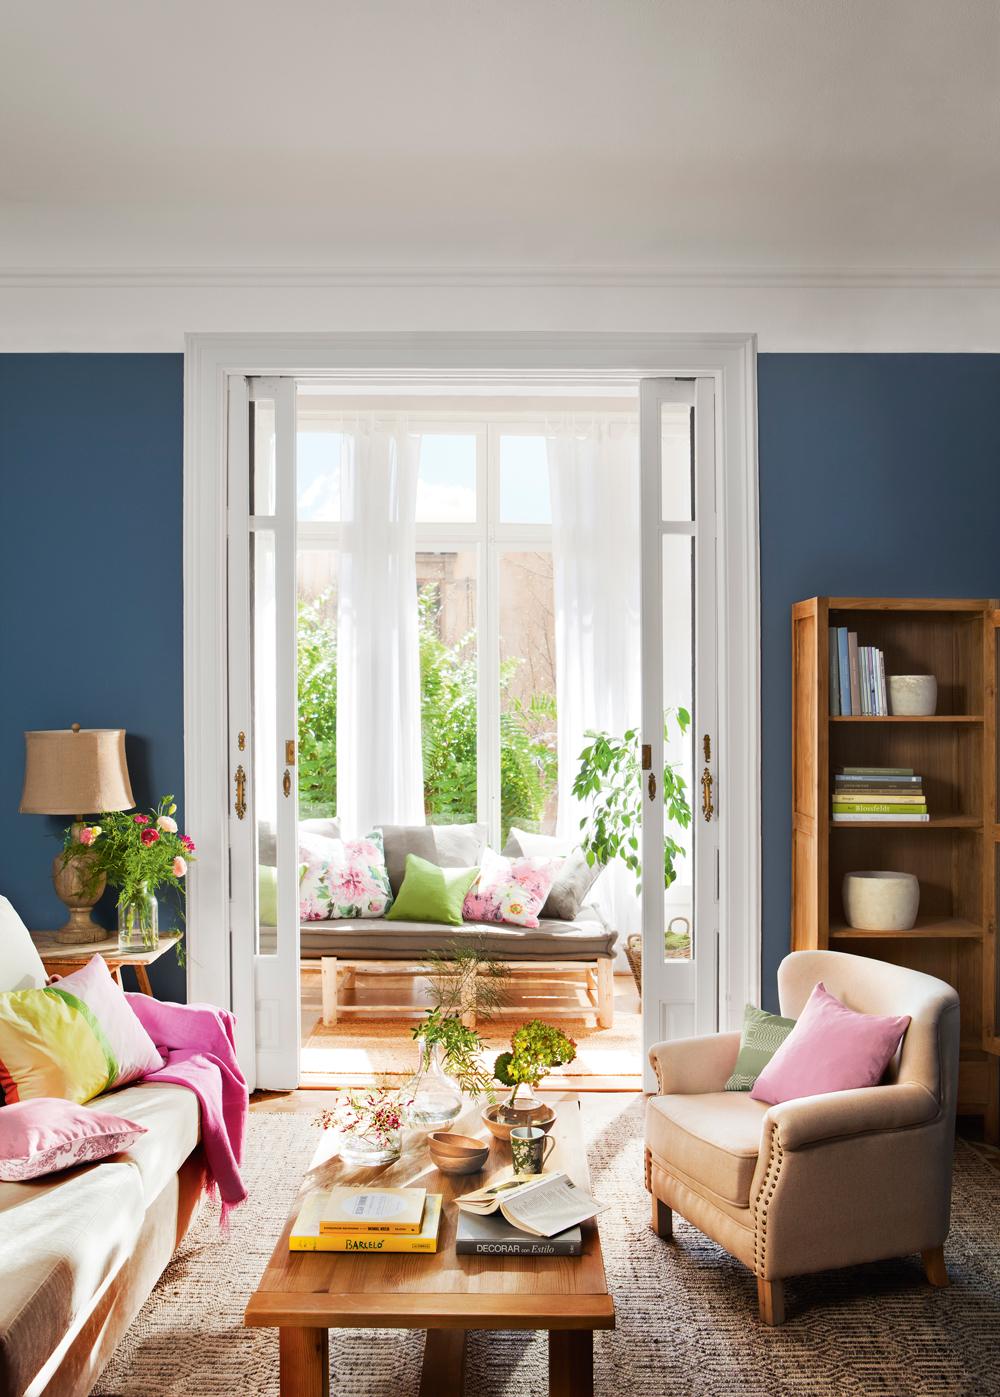 00404173. Salón clásico de puertas correderas blancas, paredes en azul intenso, sofás claros y cojines rosados y lámpara de lágrimas 00404173